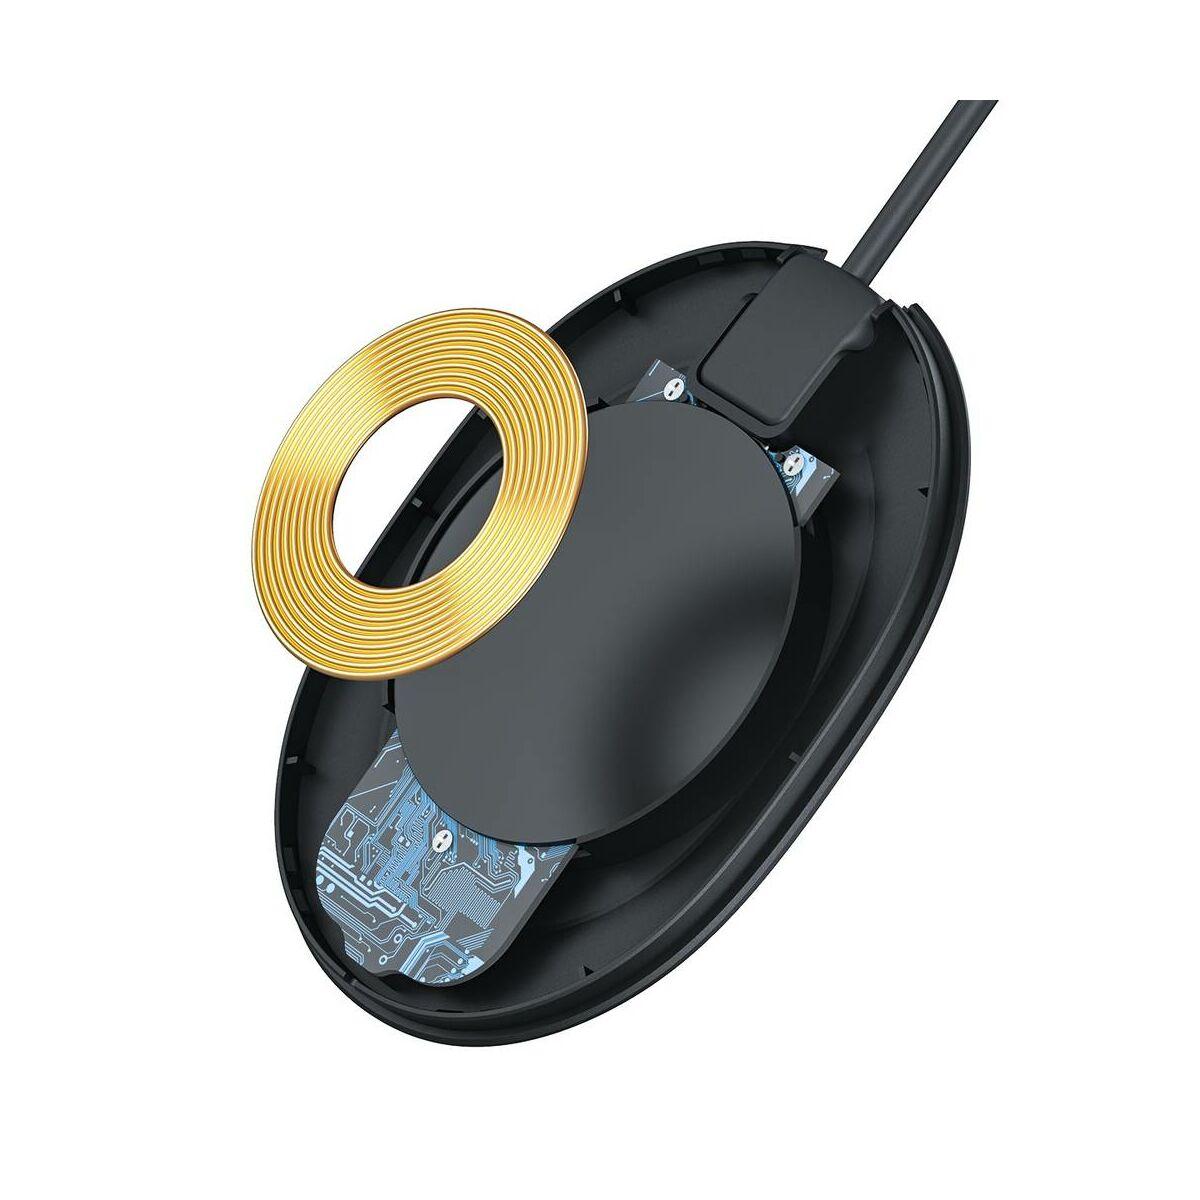 Baseus vezeték nelküli töltő Jelly QC 3.0, 15W, fekete (WXGD-01)